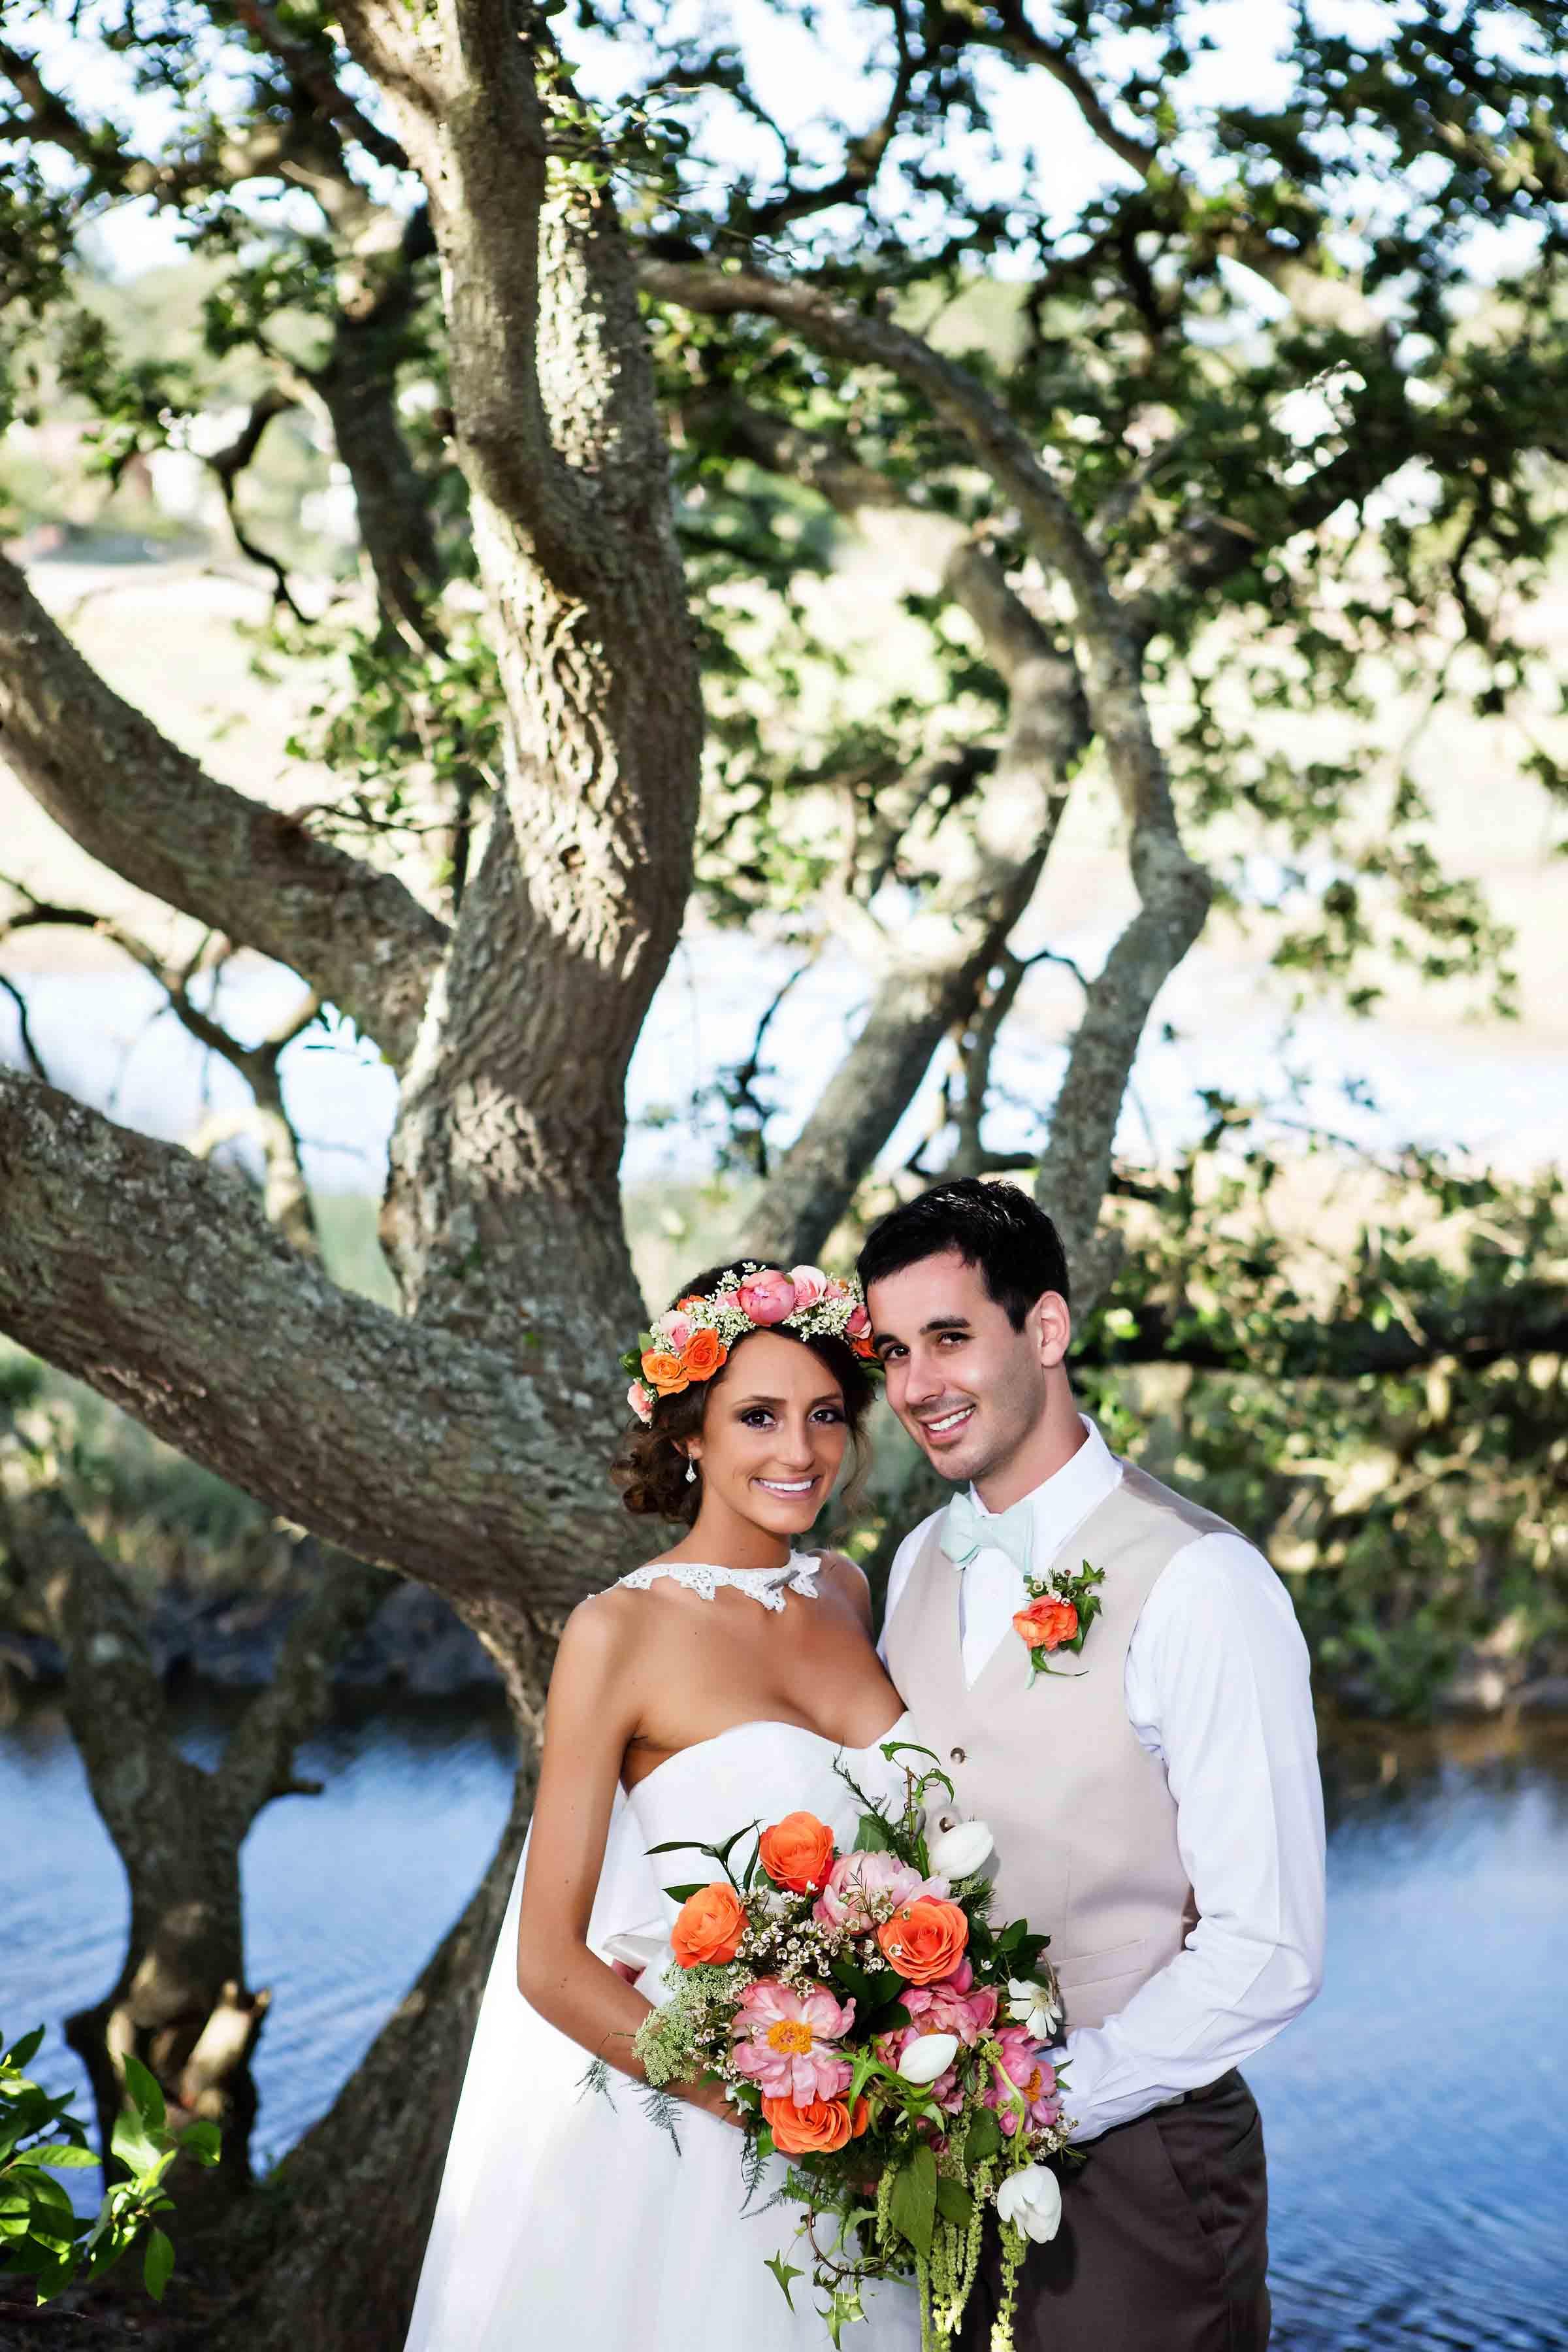 Marina Shores Wedding Photograph - Virginia Beach - Tess And Dave -by John Cachero for Ross Costanza Photography